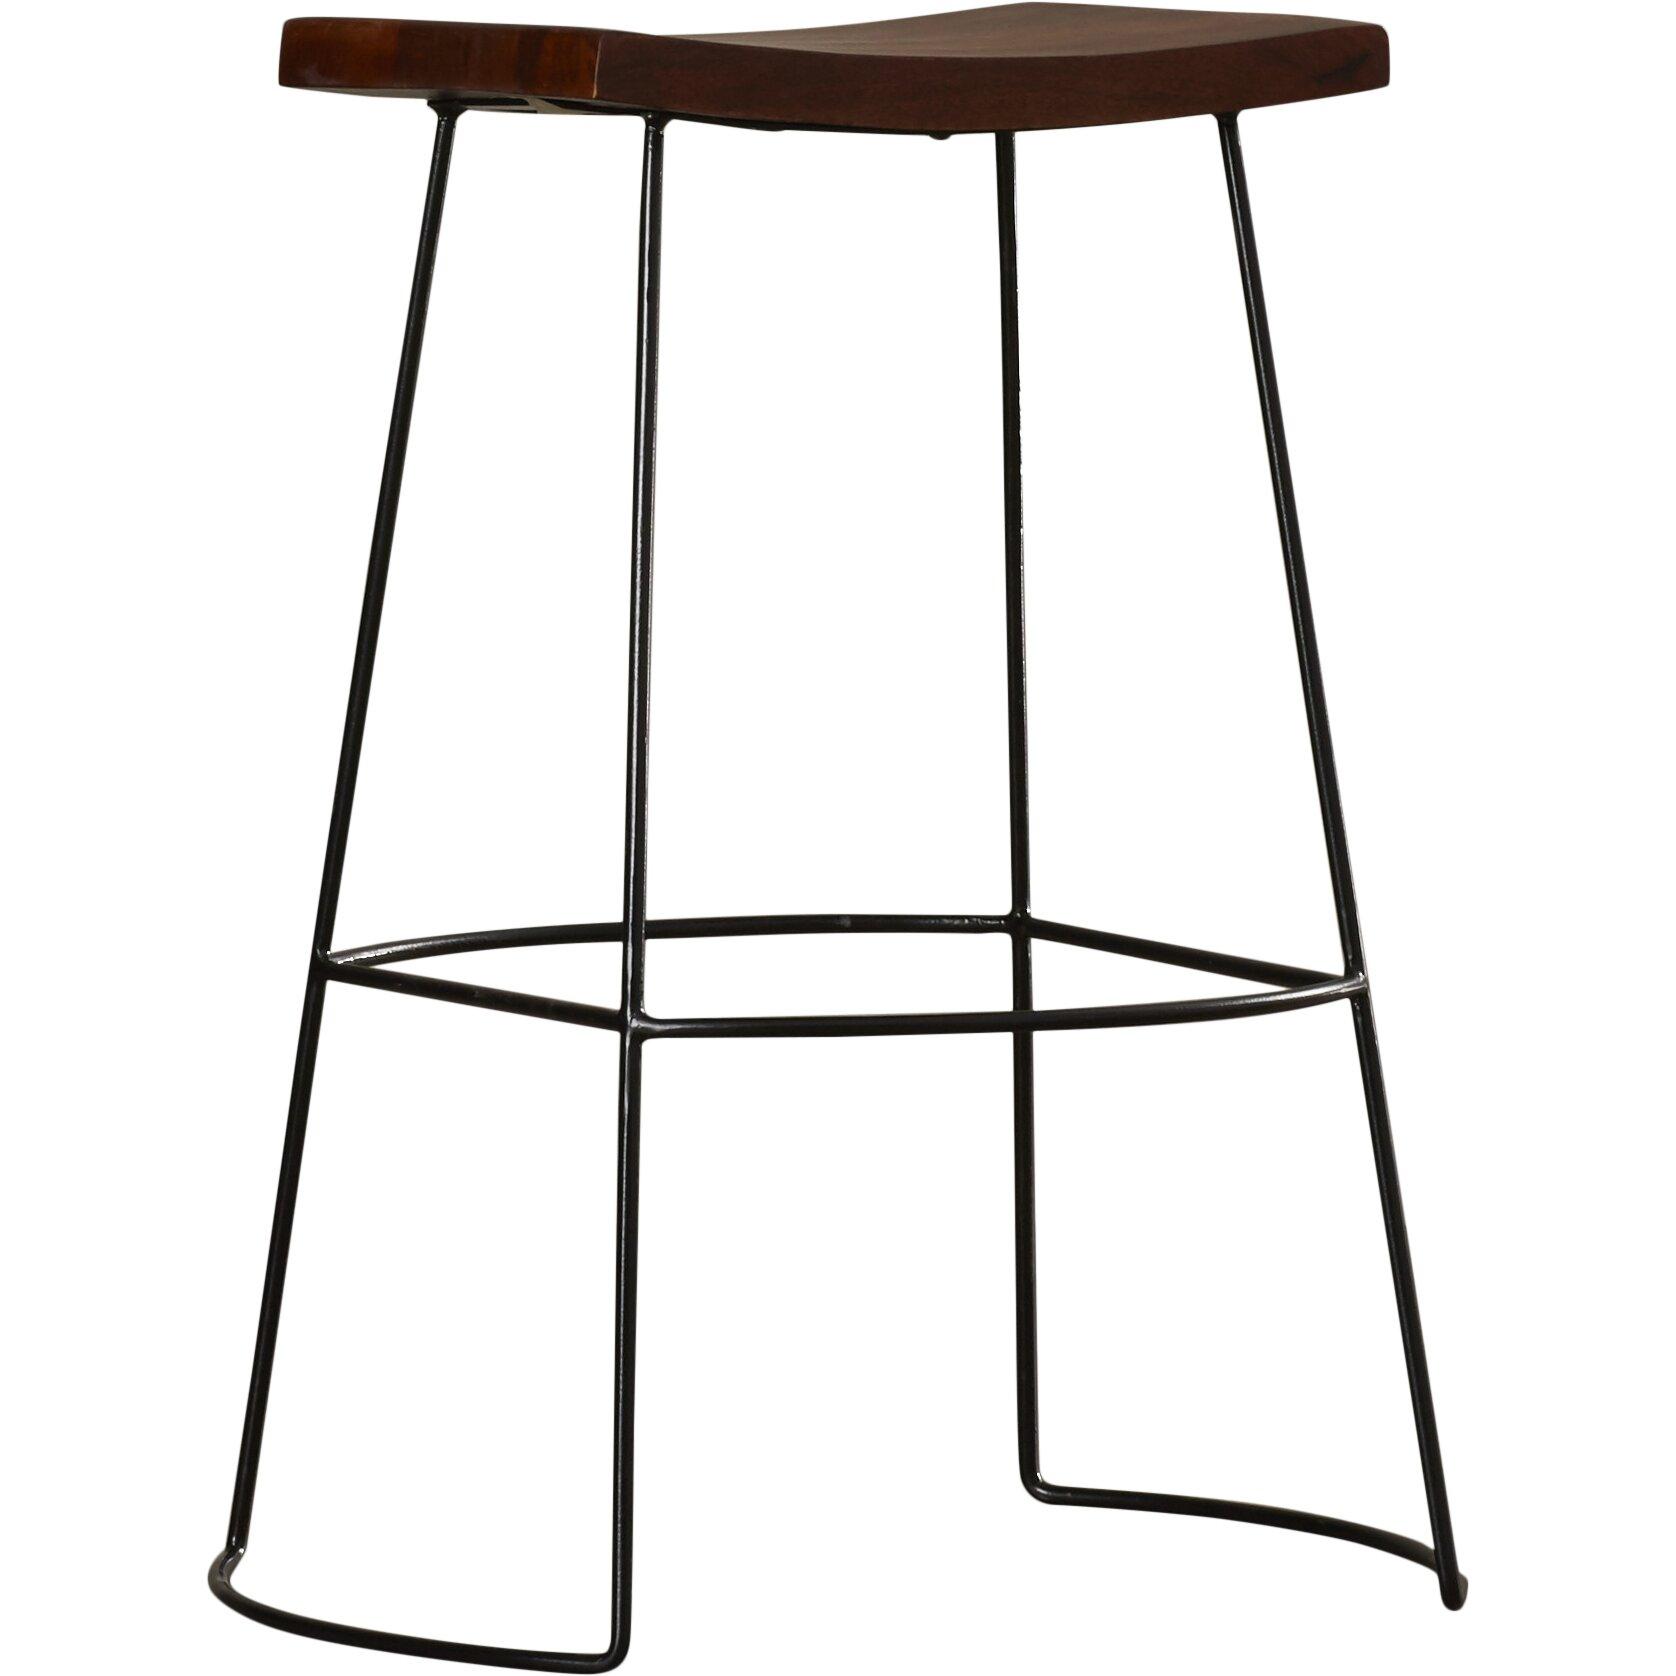 Trent Austin Stoolstrent Austin Design 25 Swivel Bar Stool Reviews